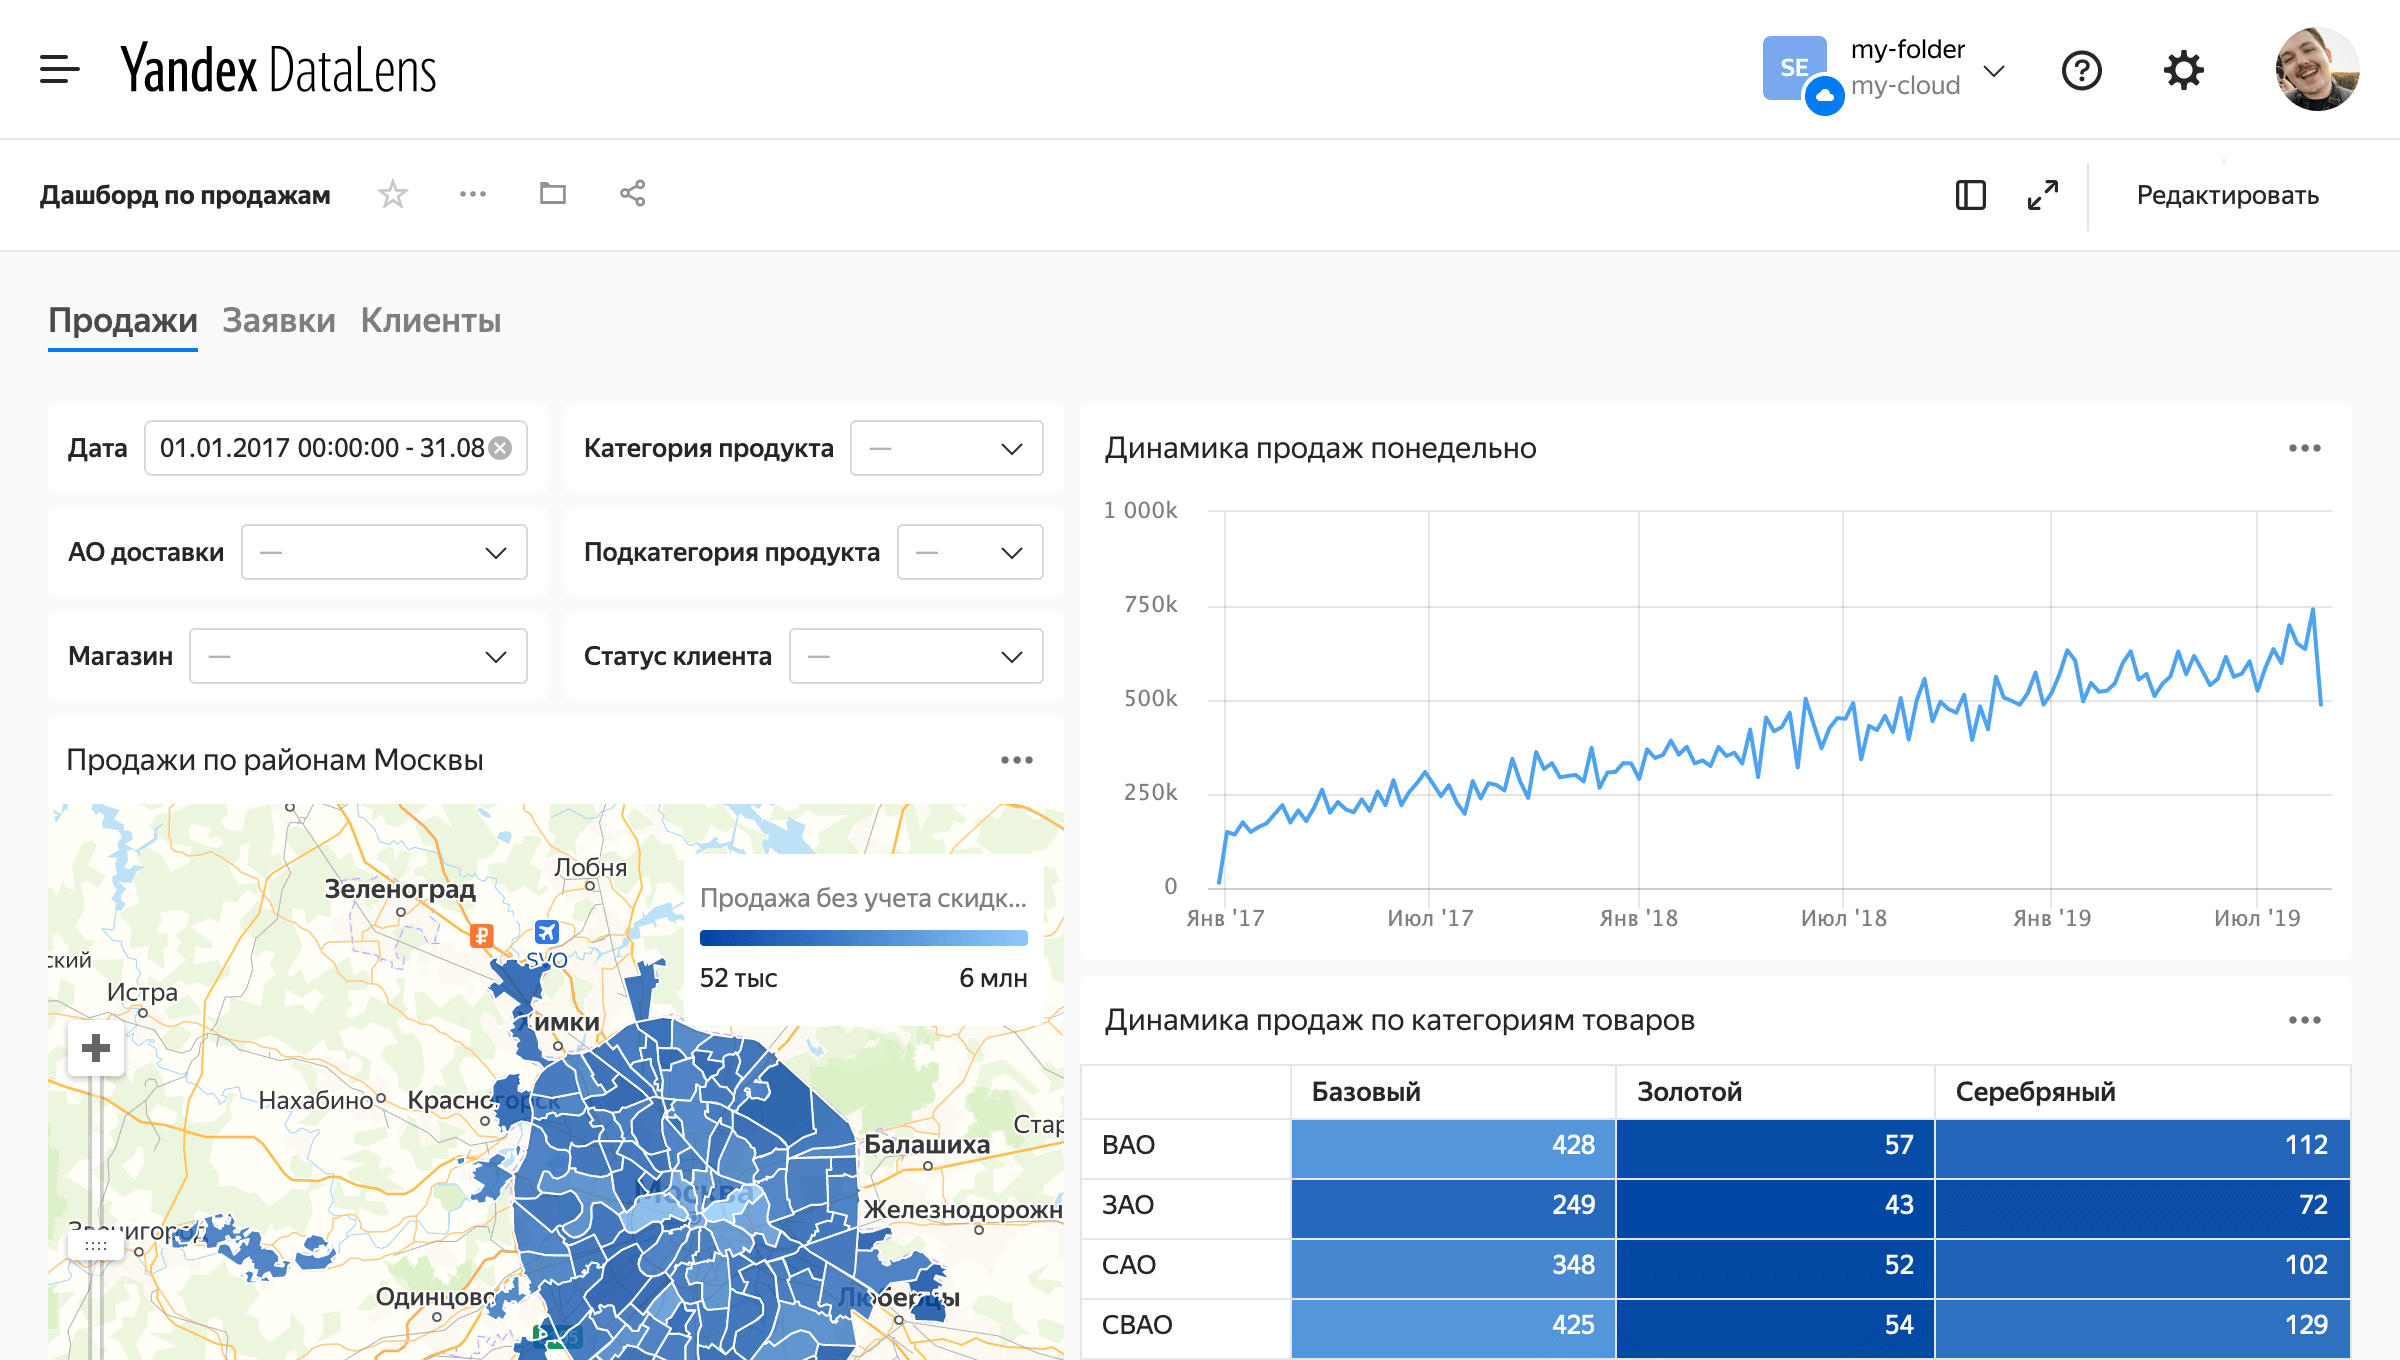 как создать сервер хостинг для сайта